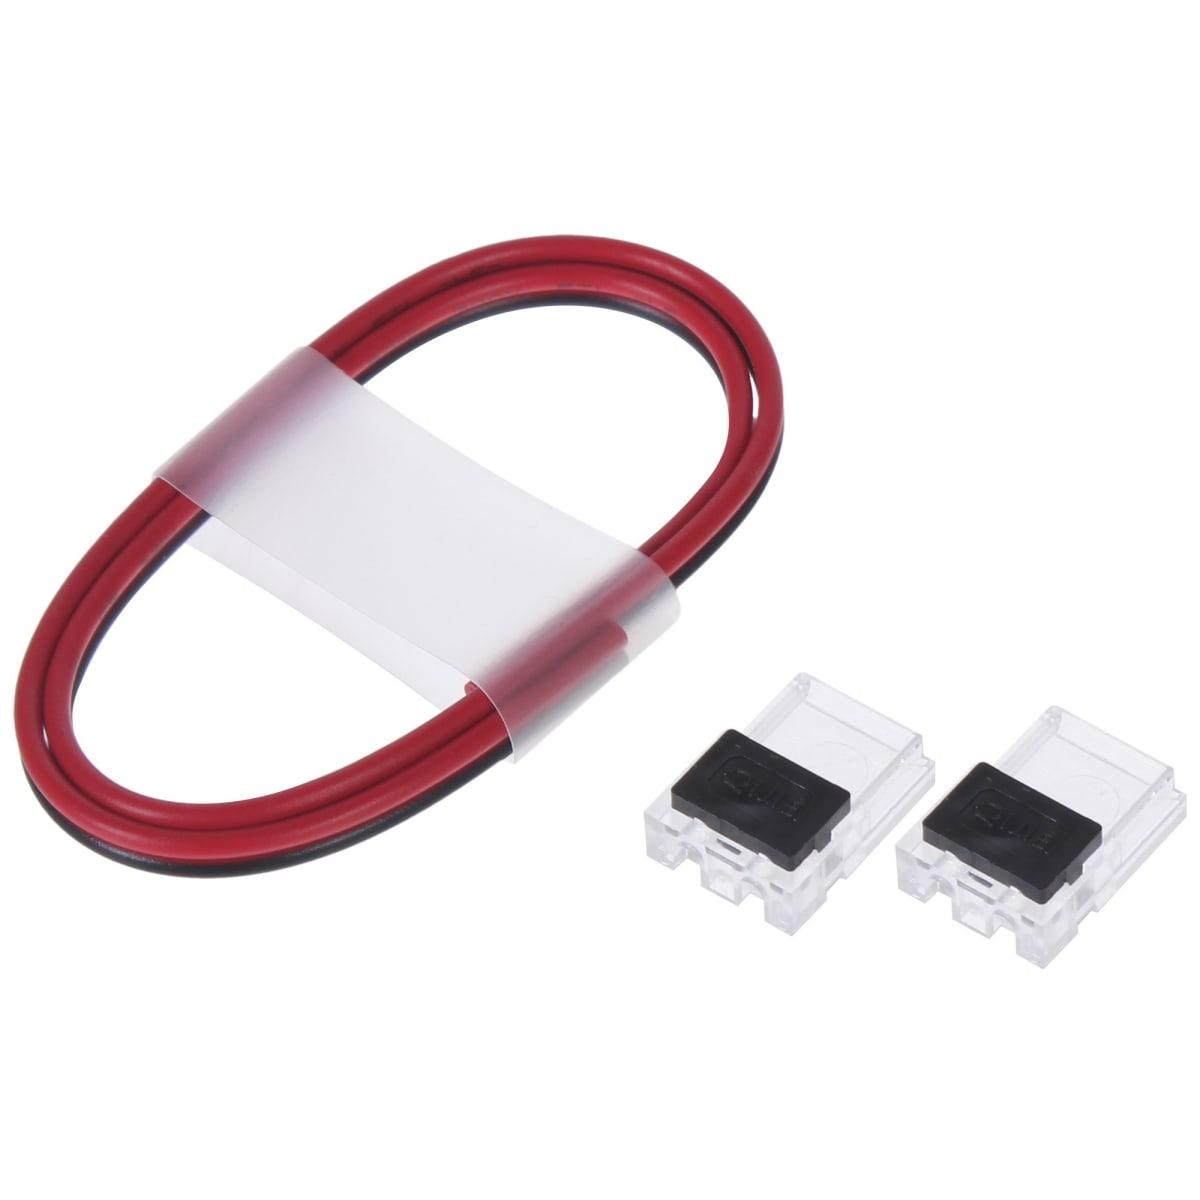 Комплект для светодиодной ленты: 2 клипсы, 2 разъёма «игла», провод 30 см, 8-10 мм, IP20